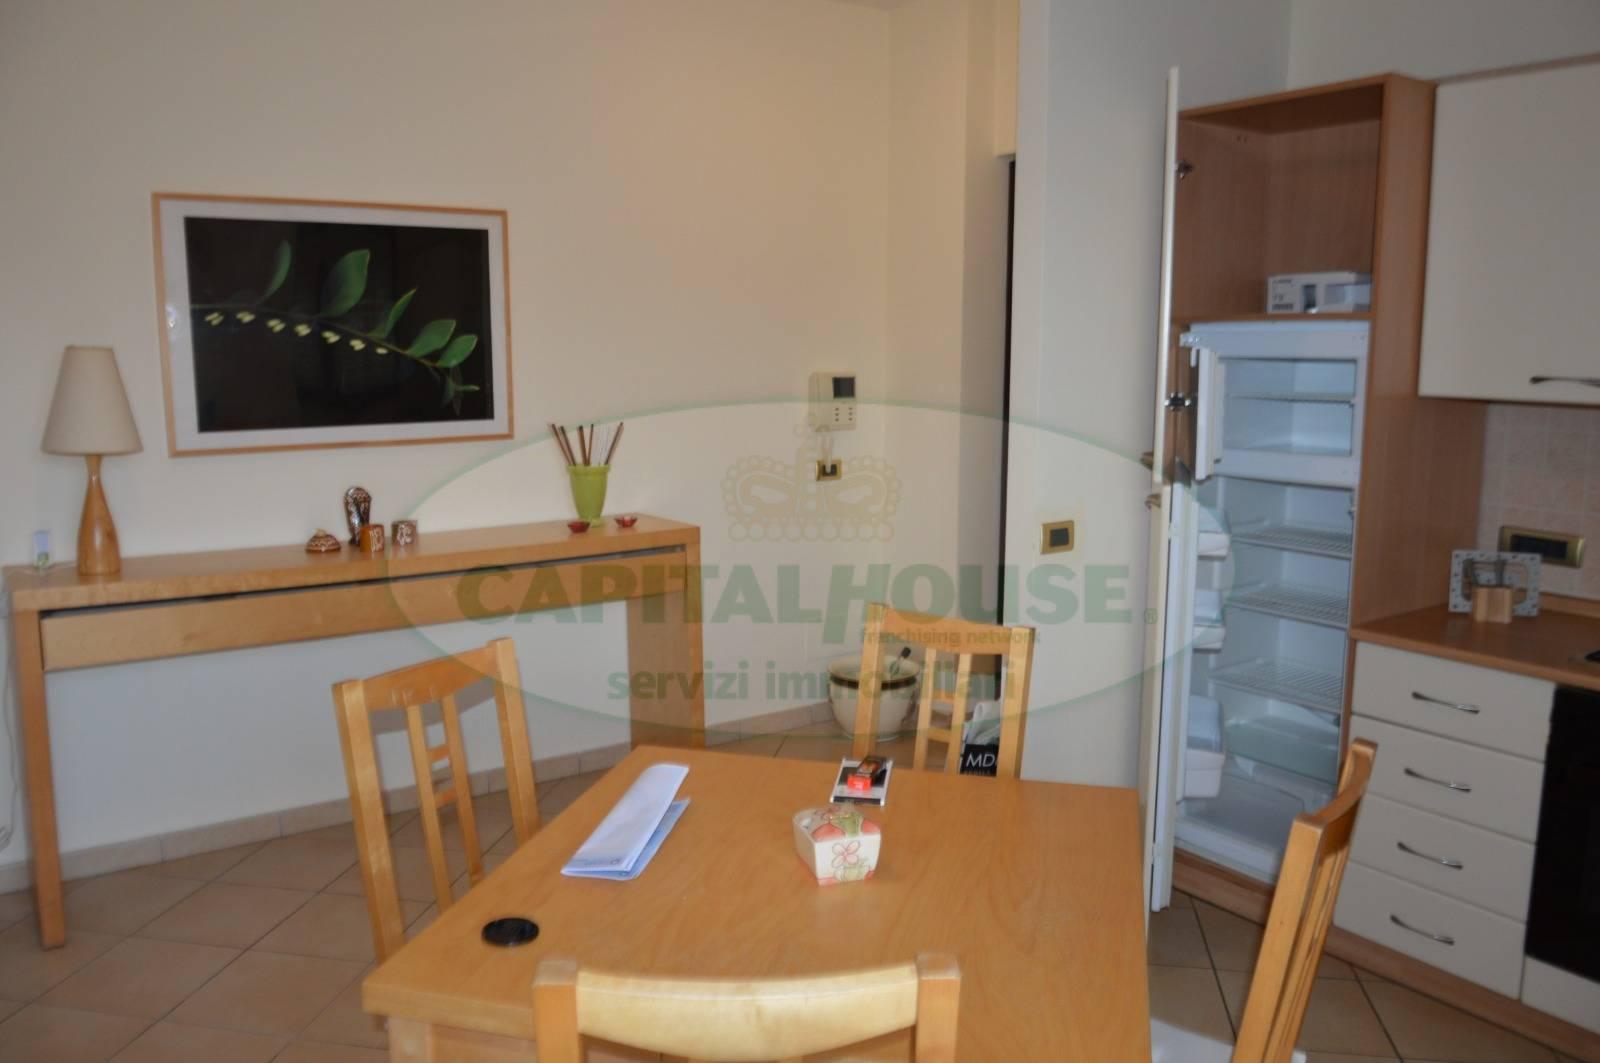 Appartamento in affitto a Avellino, 3 locali, prezzo € 600 | CambioCasa.it